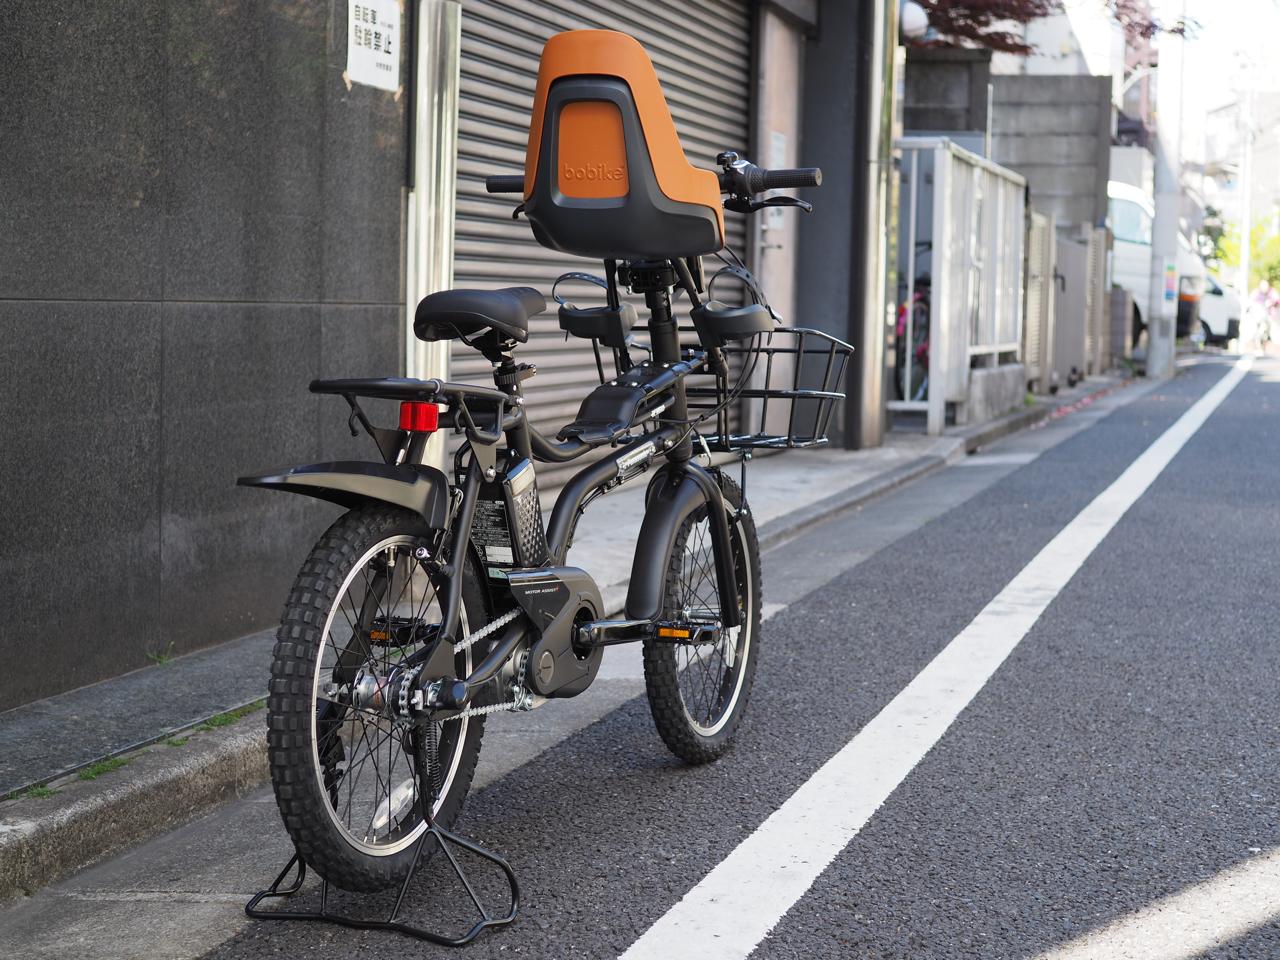 自転車,電動自転車,パナソニック,イーゼット,panasonic,EZ,チャイルドシート,OGK,マットブラック,bobike,ボバイク